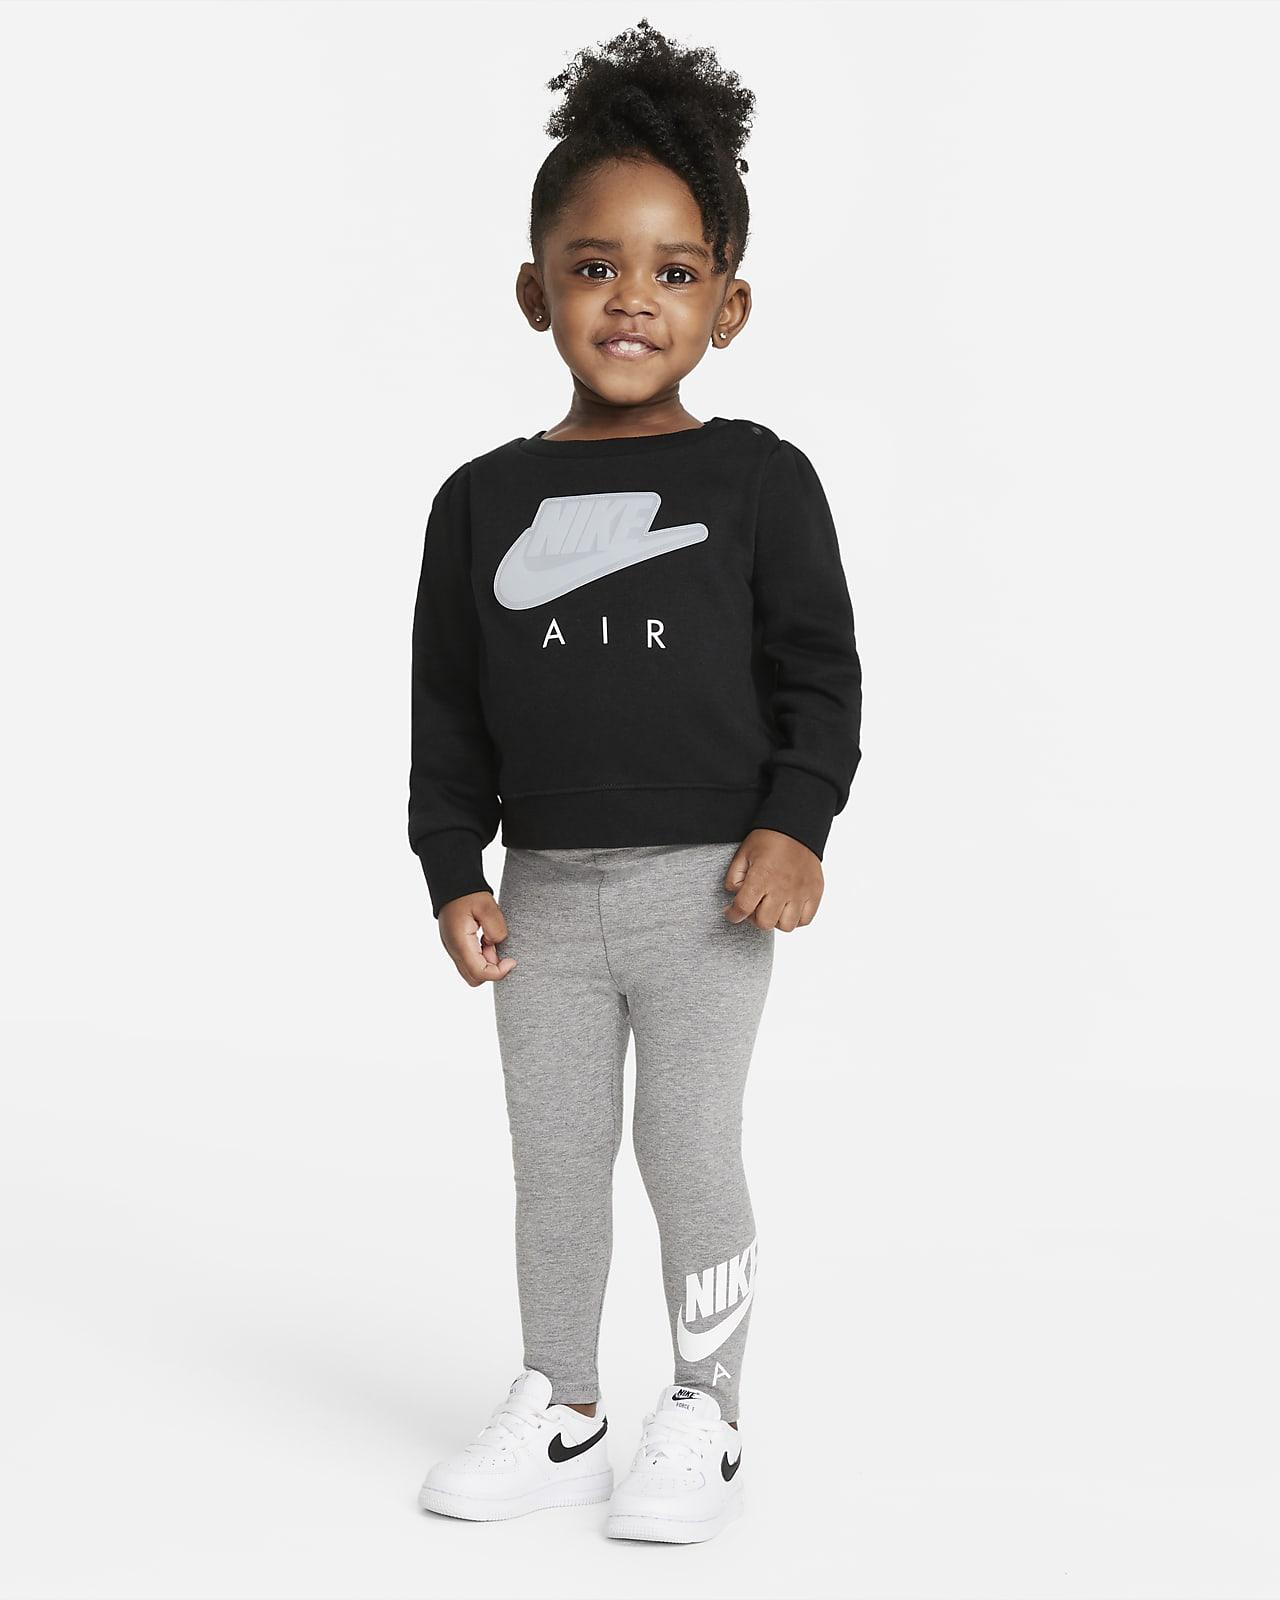 Nike Air Conjunto de sudadera y leggings - Bebé (12-24 M)